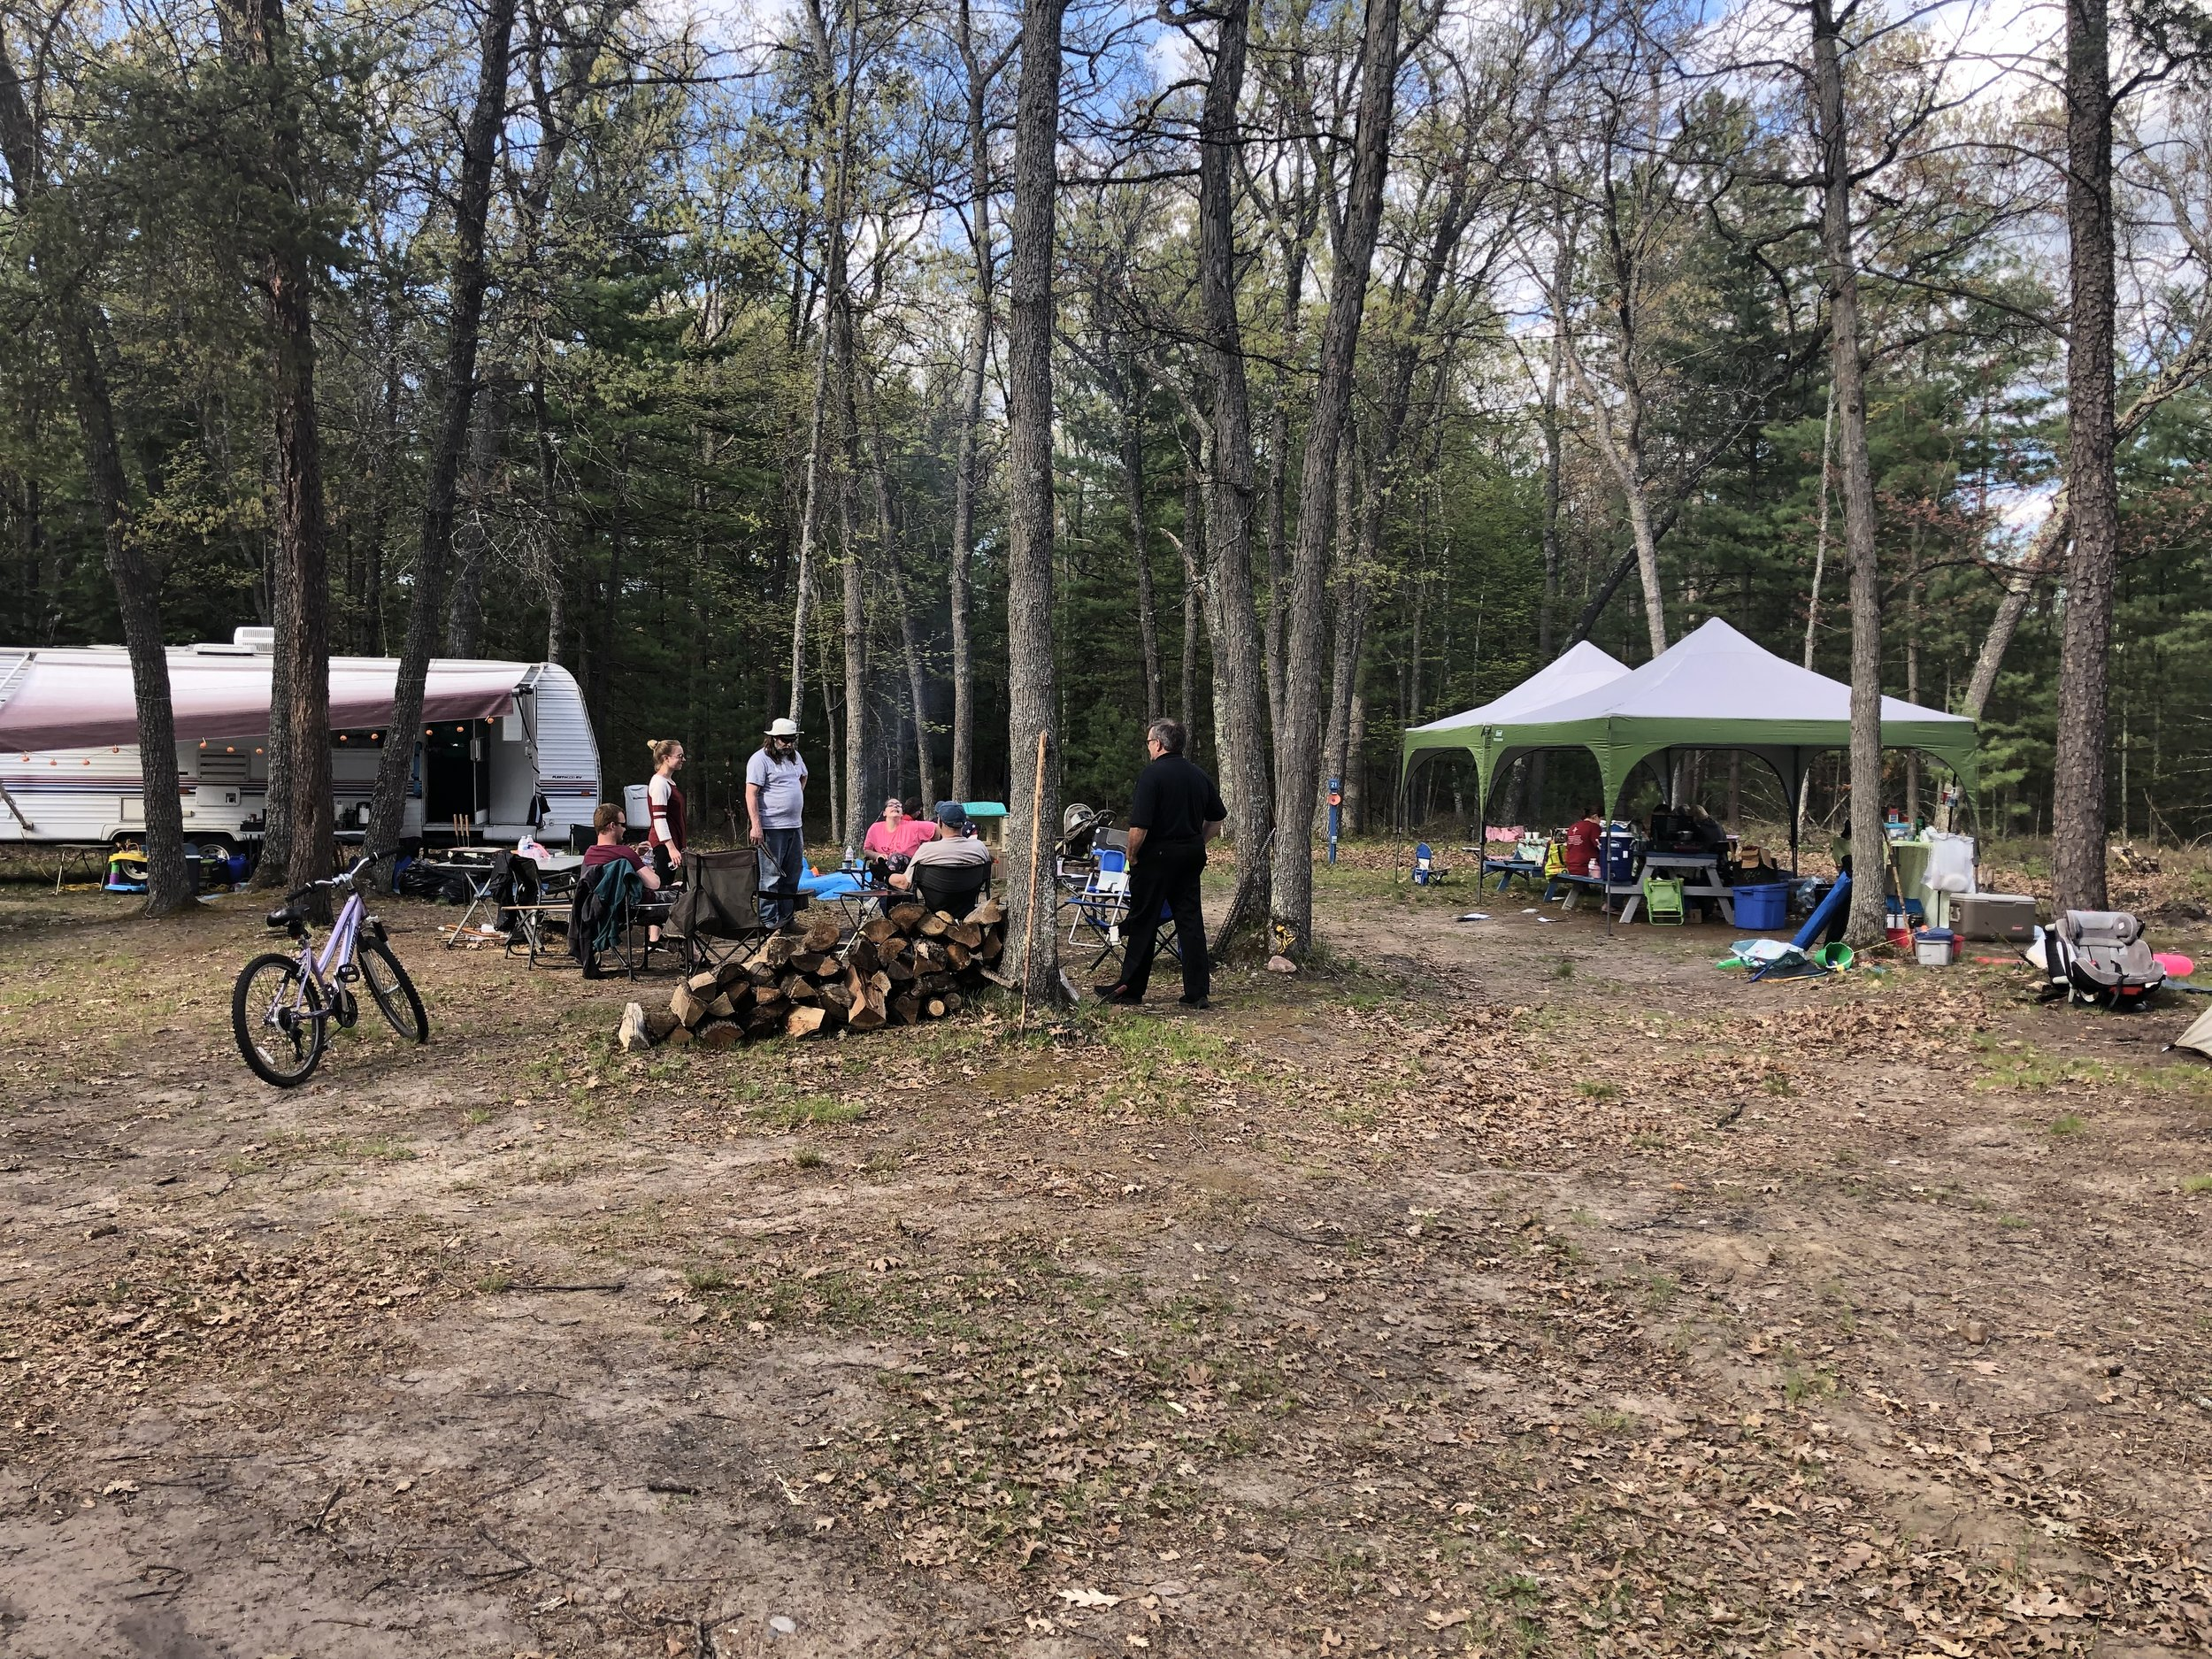 2019 Memorial Day camping 1.JPG